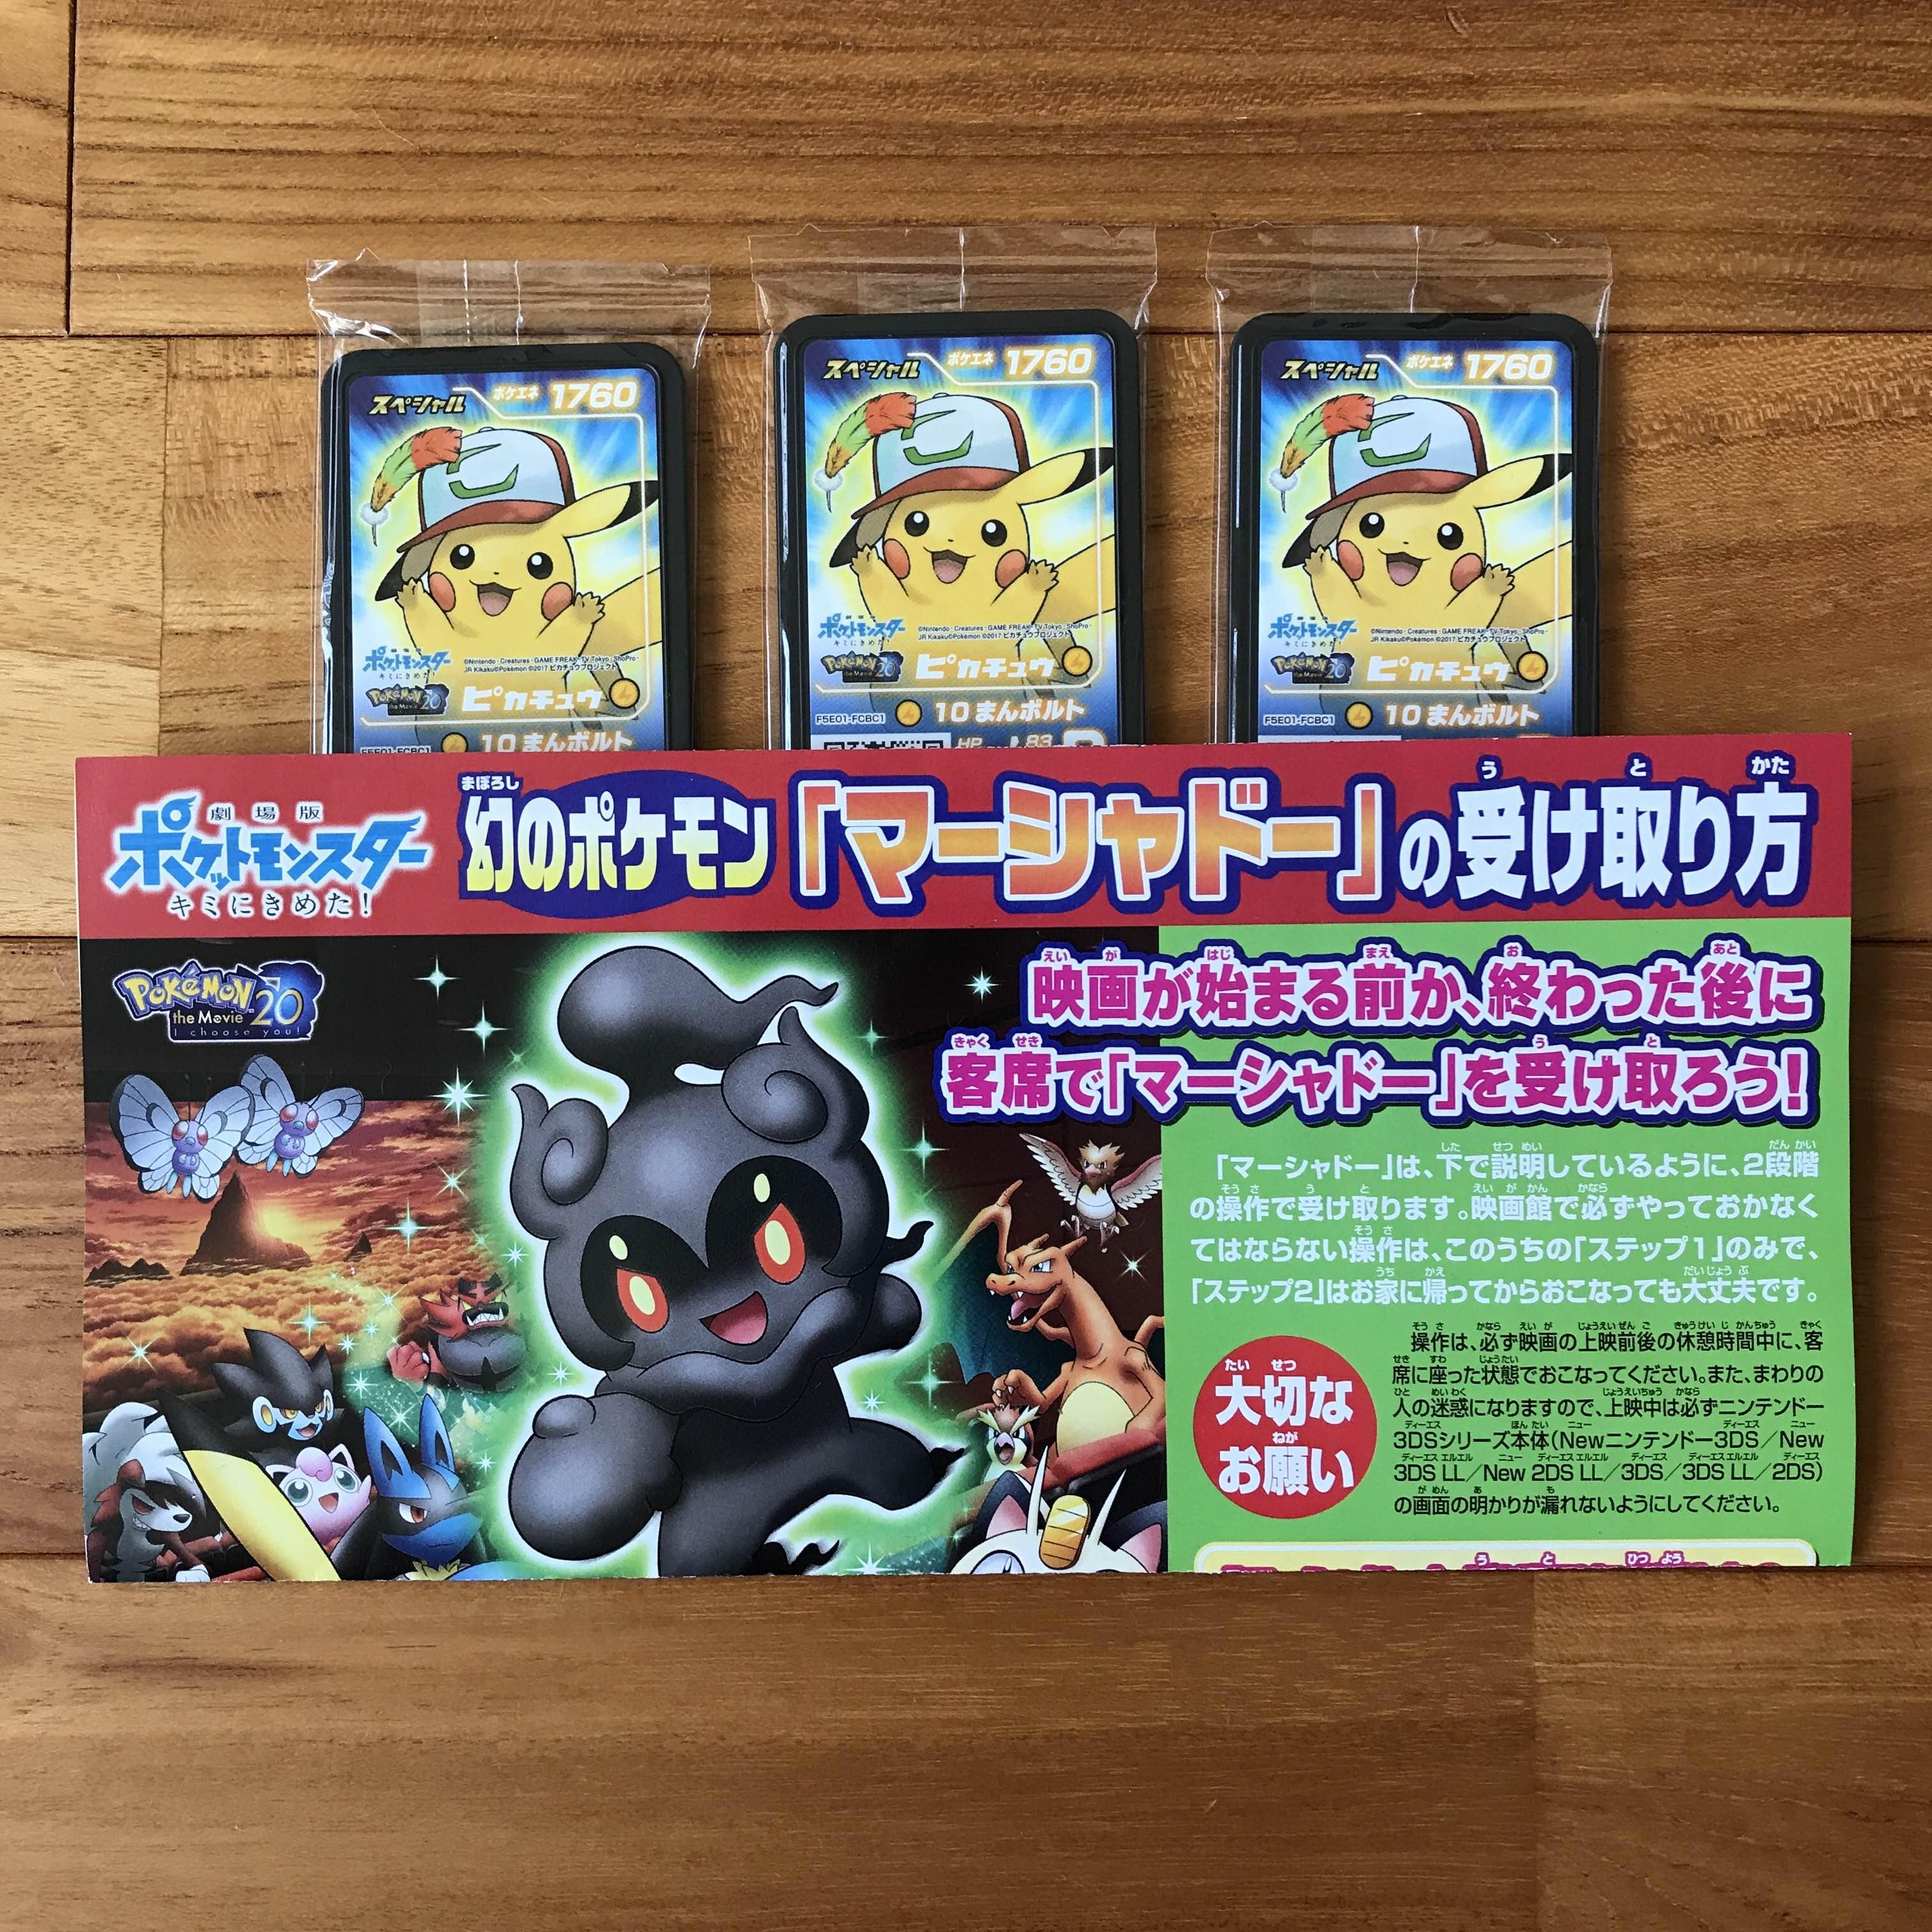 メルカリ - ポケモン 映画特典3枚セット 未開封 【ポケモンカードゲーム